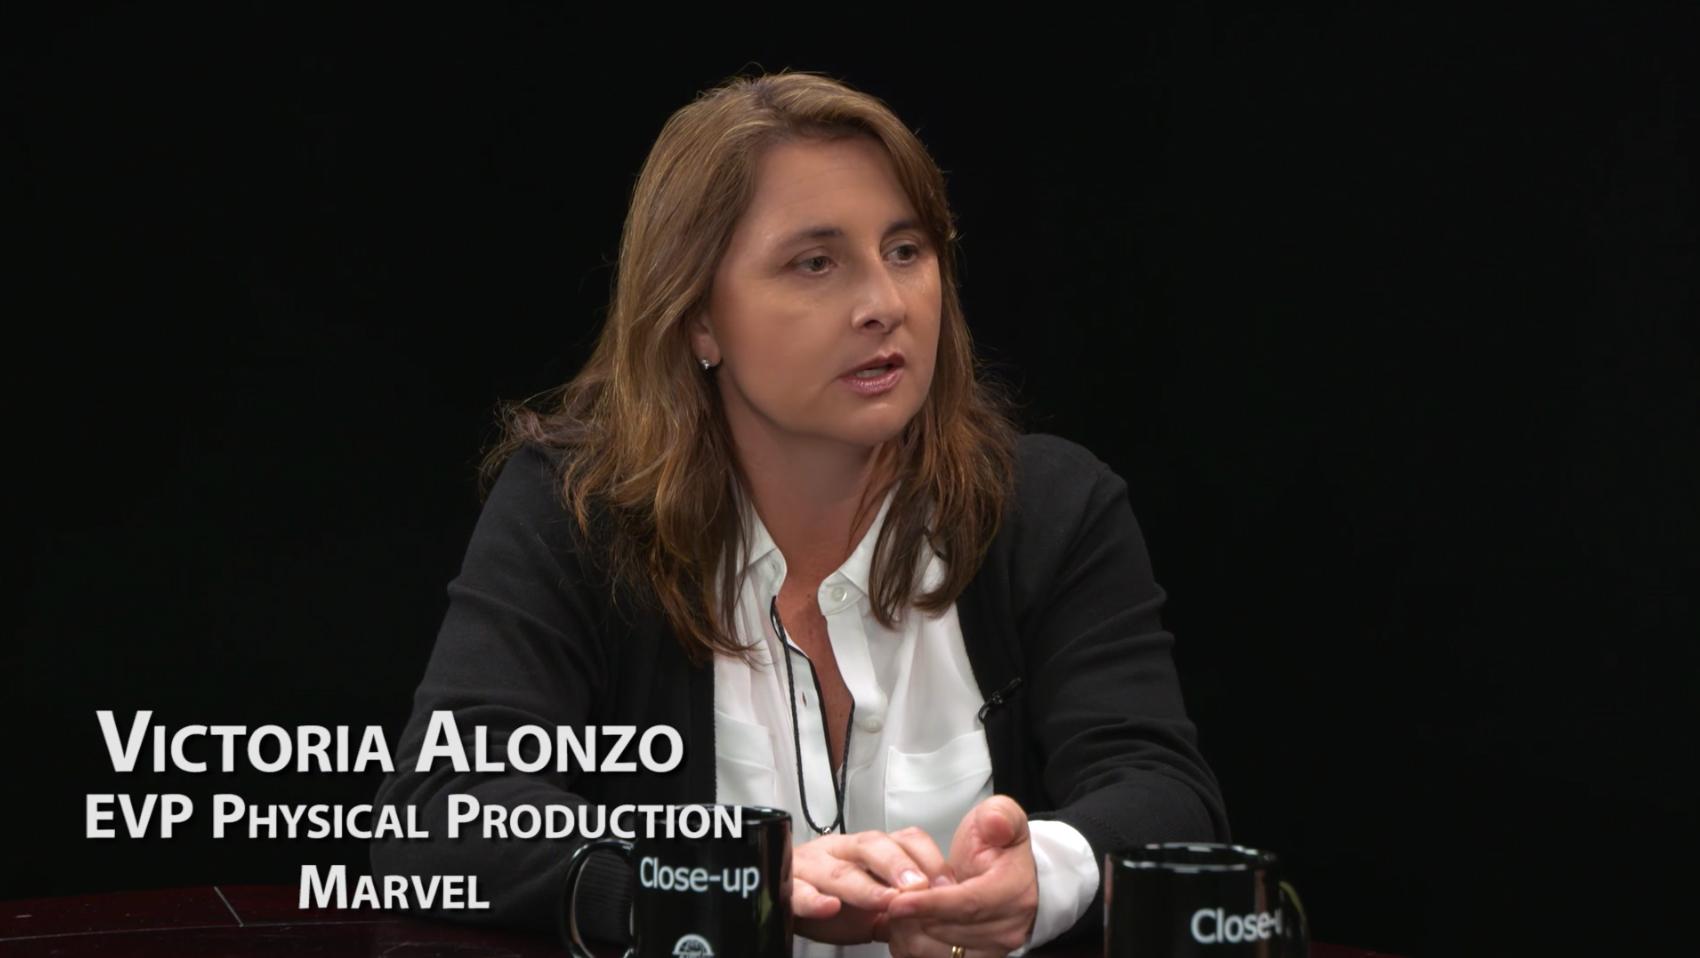 Victoria Alonzo